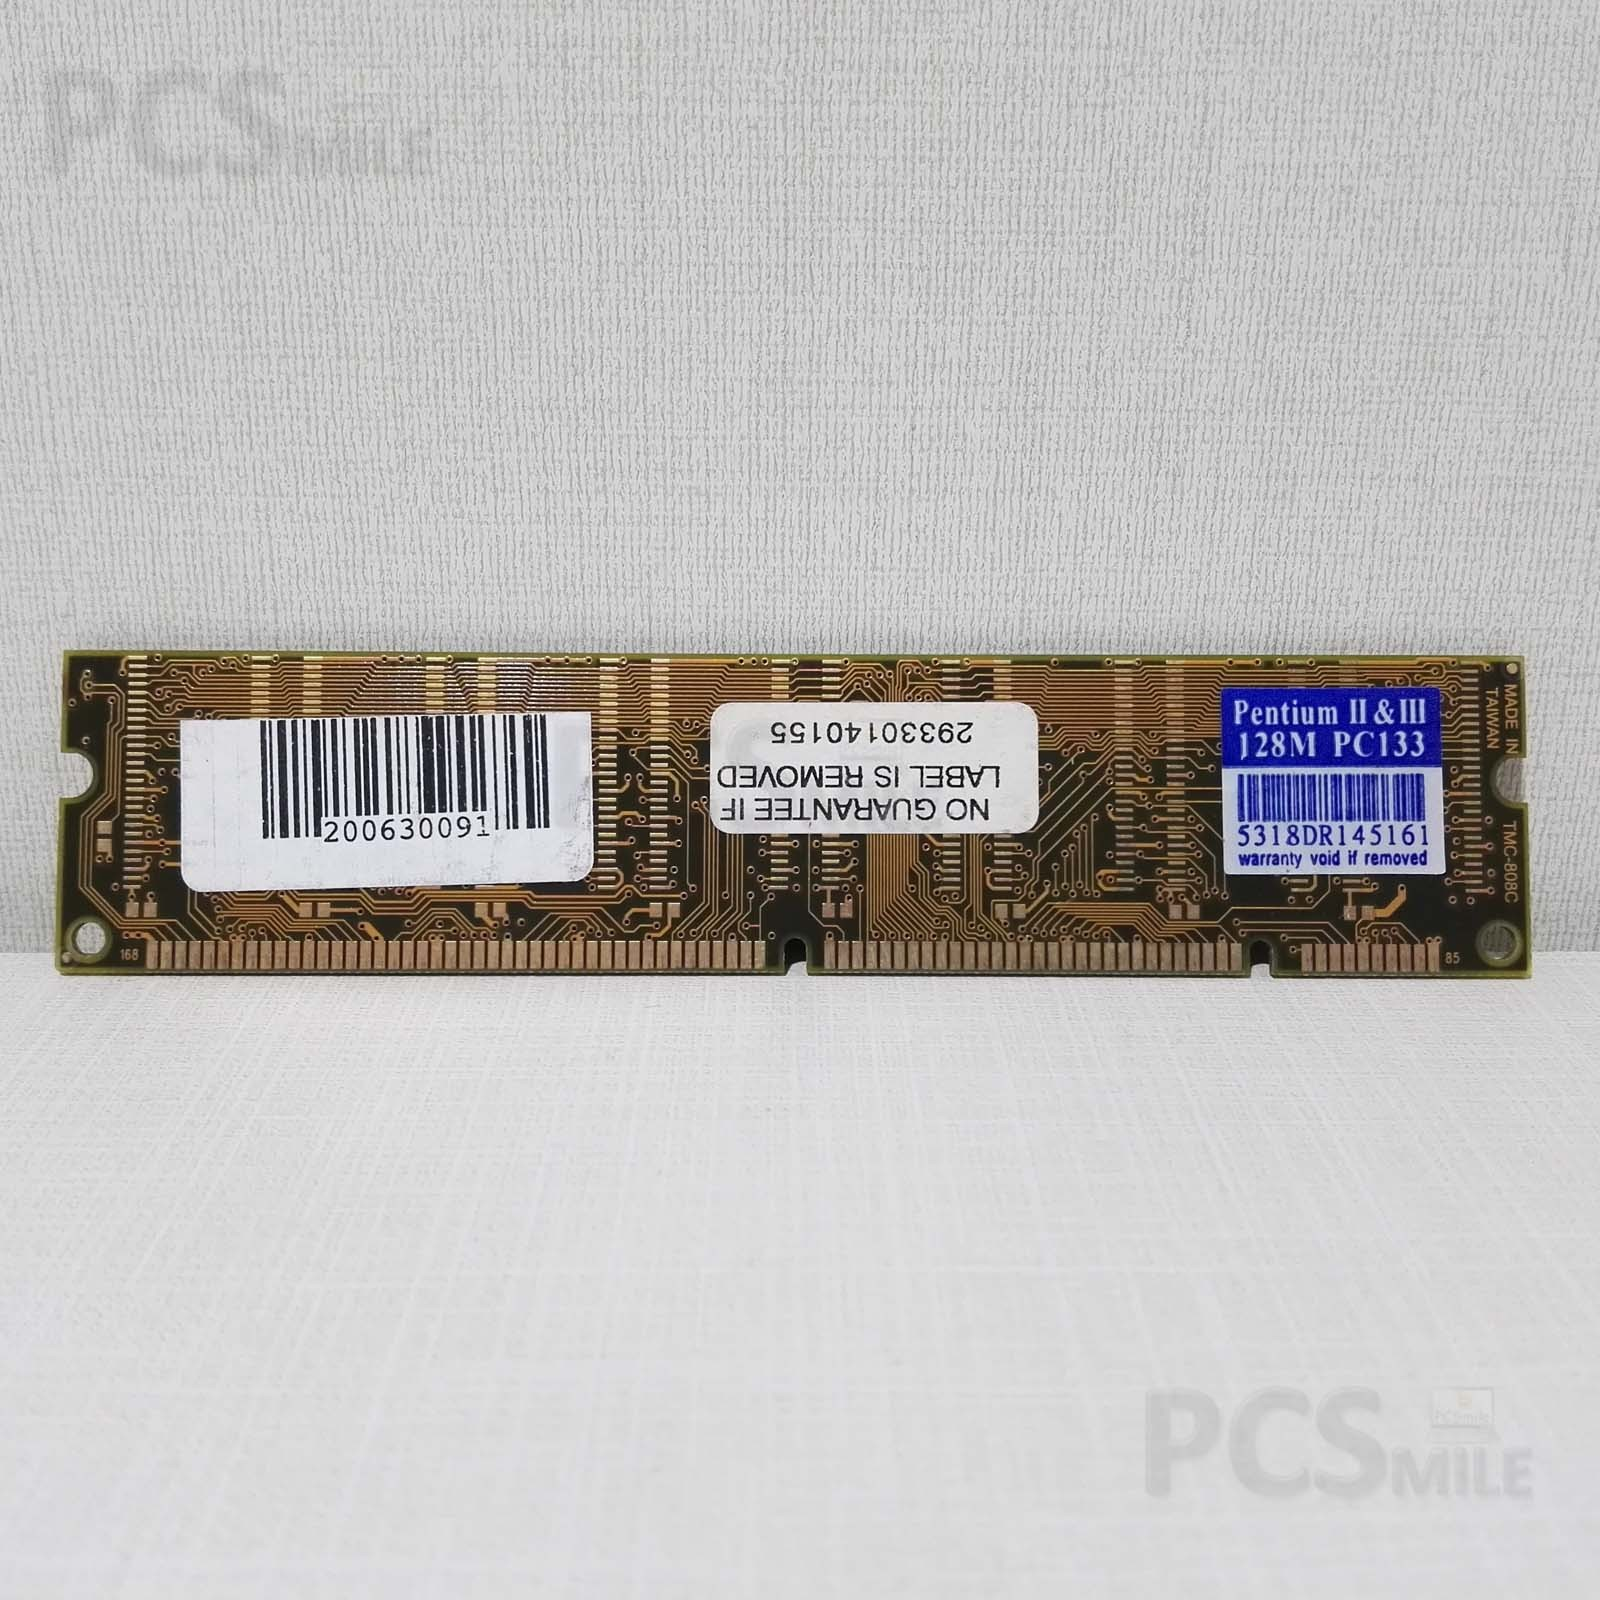 RAM 128MB DDR PC133 PENTIUM II E III